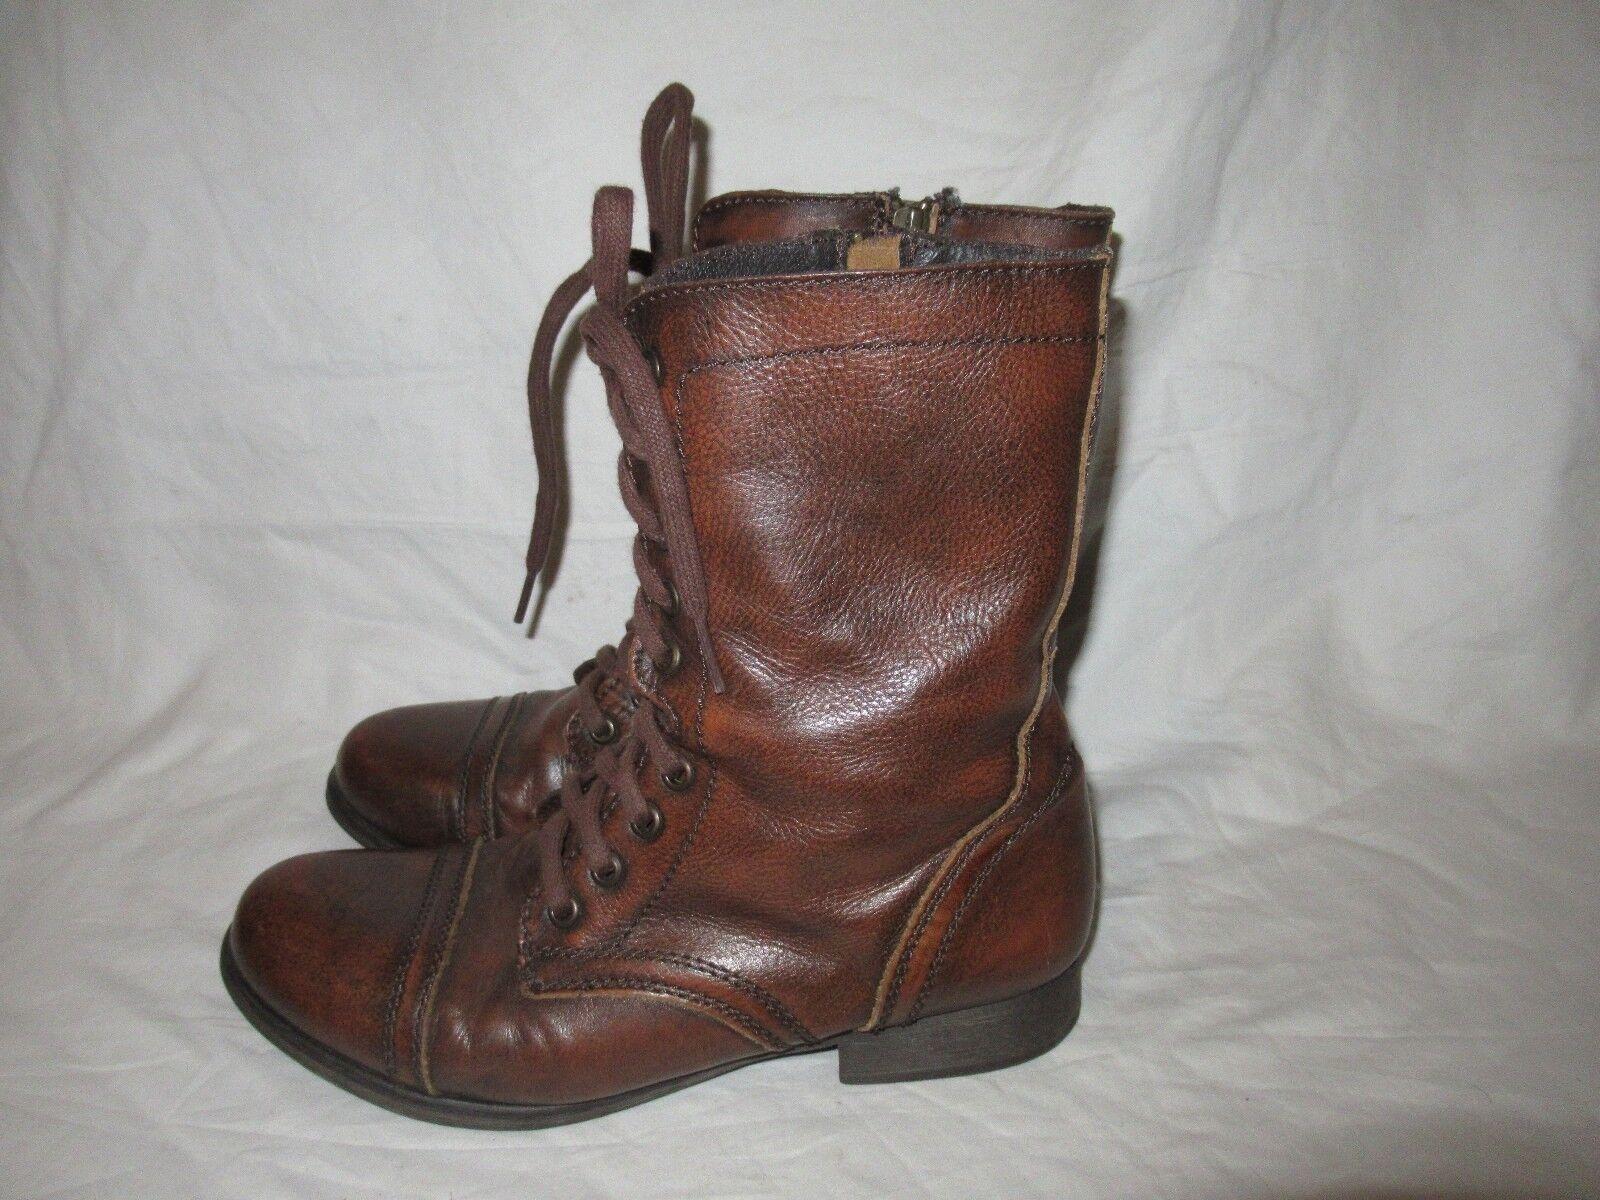 Steve Madden Größe Troopa Größe Madden 8M Combat Stiefel genuine Leder Braun Good Condition a1bbfe